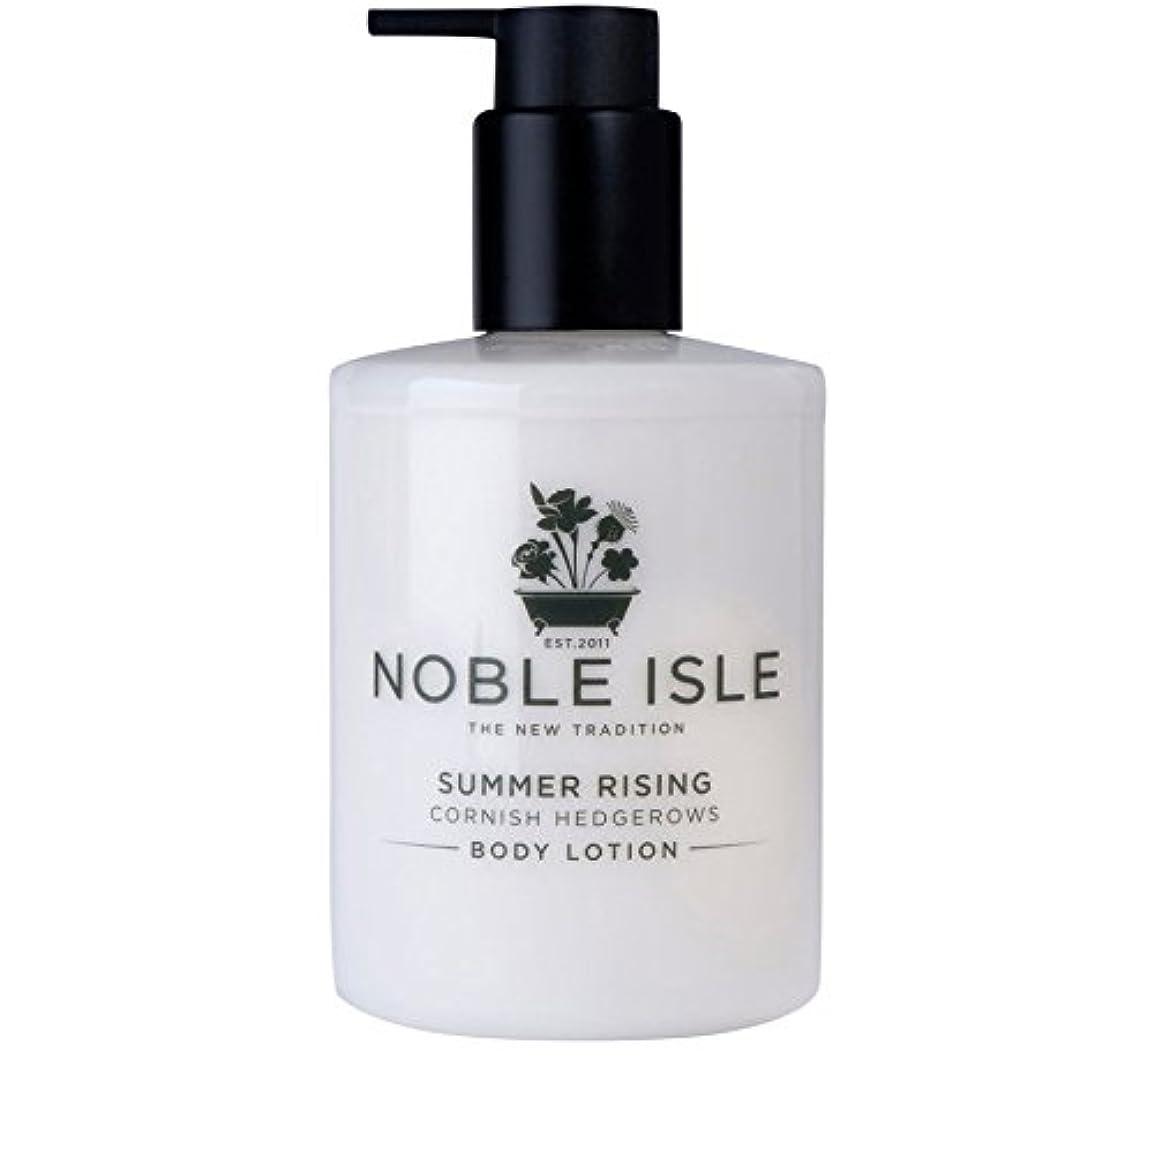 けがをする鈍い平凡コーニッシュ生け垣ボディローション250ミリリットルを上昇高貴な島の夏 x4 - Noble Isle Summer Rising Cornish Hedgerows Body Lotion 250ml (Pack of 4) [並行輸入品]